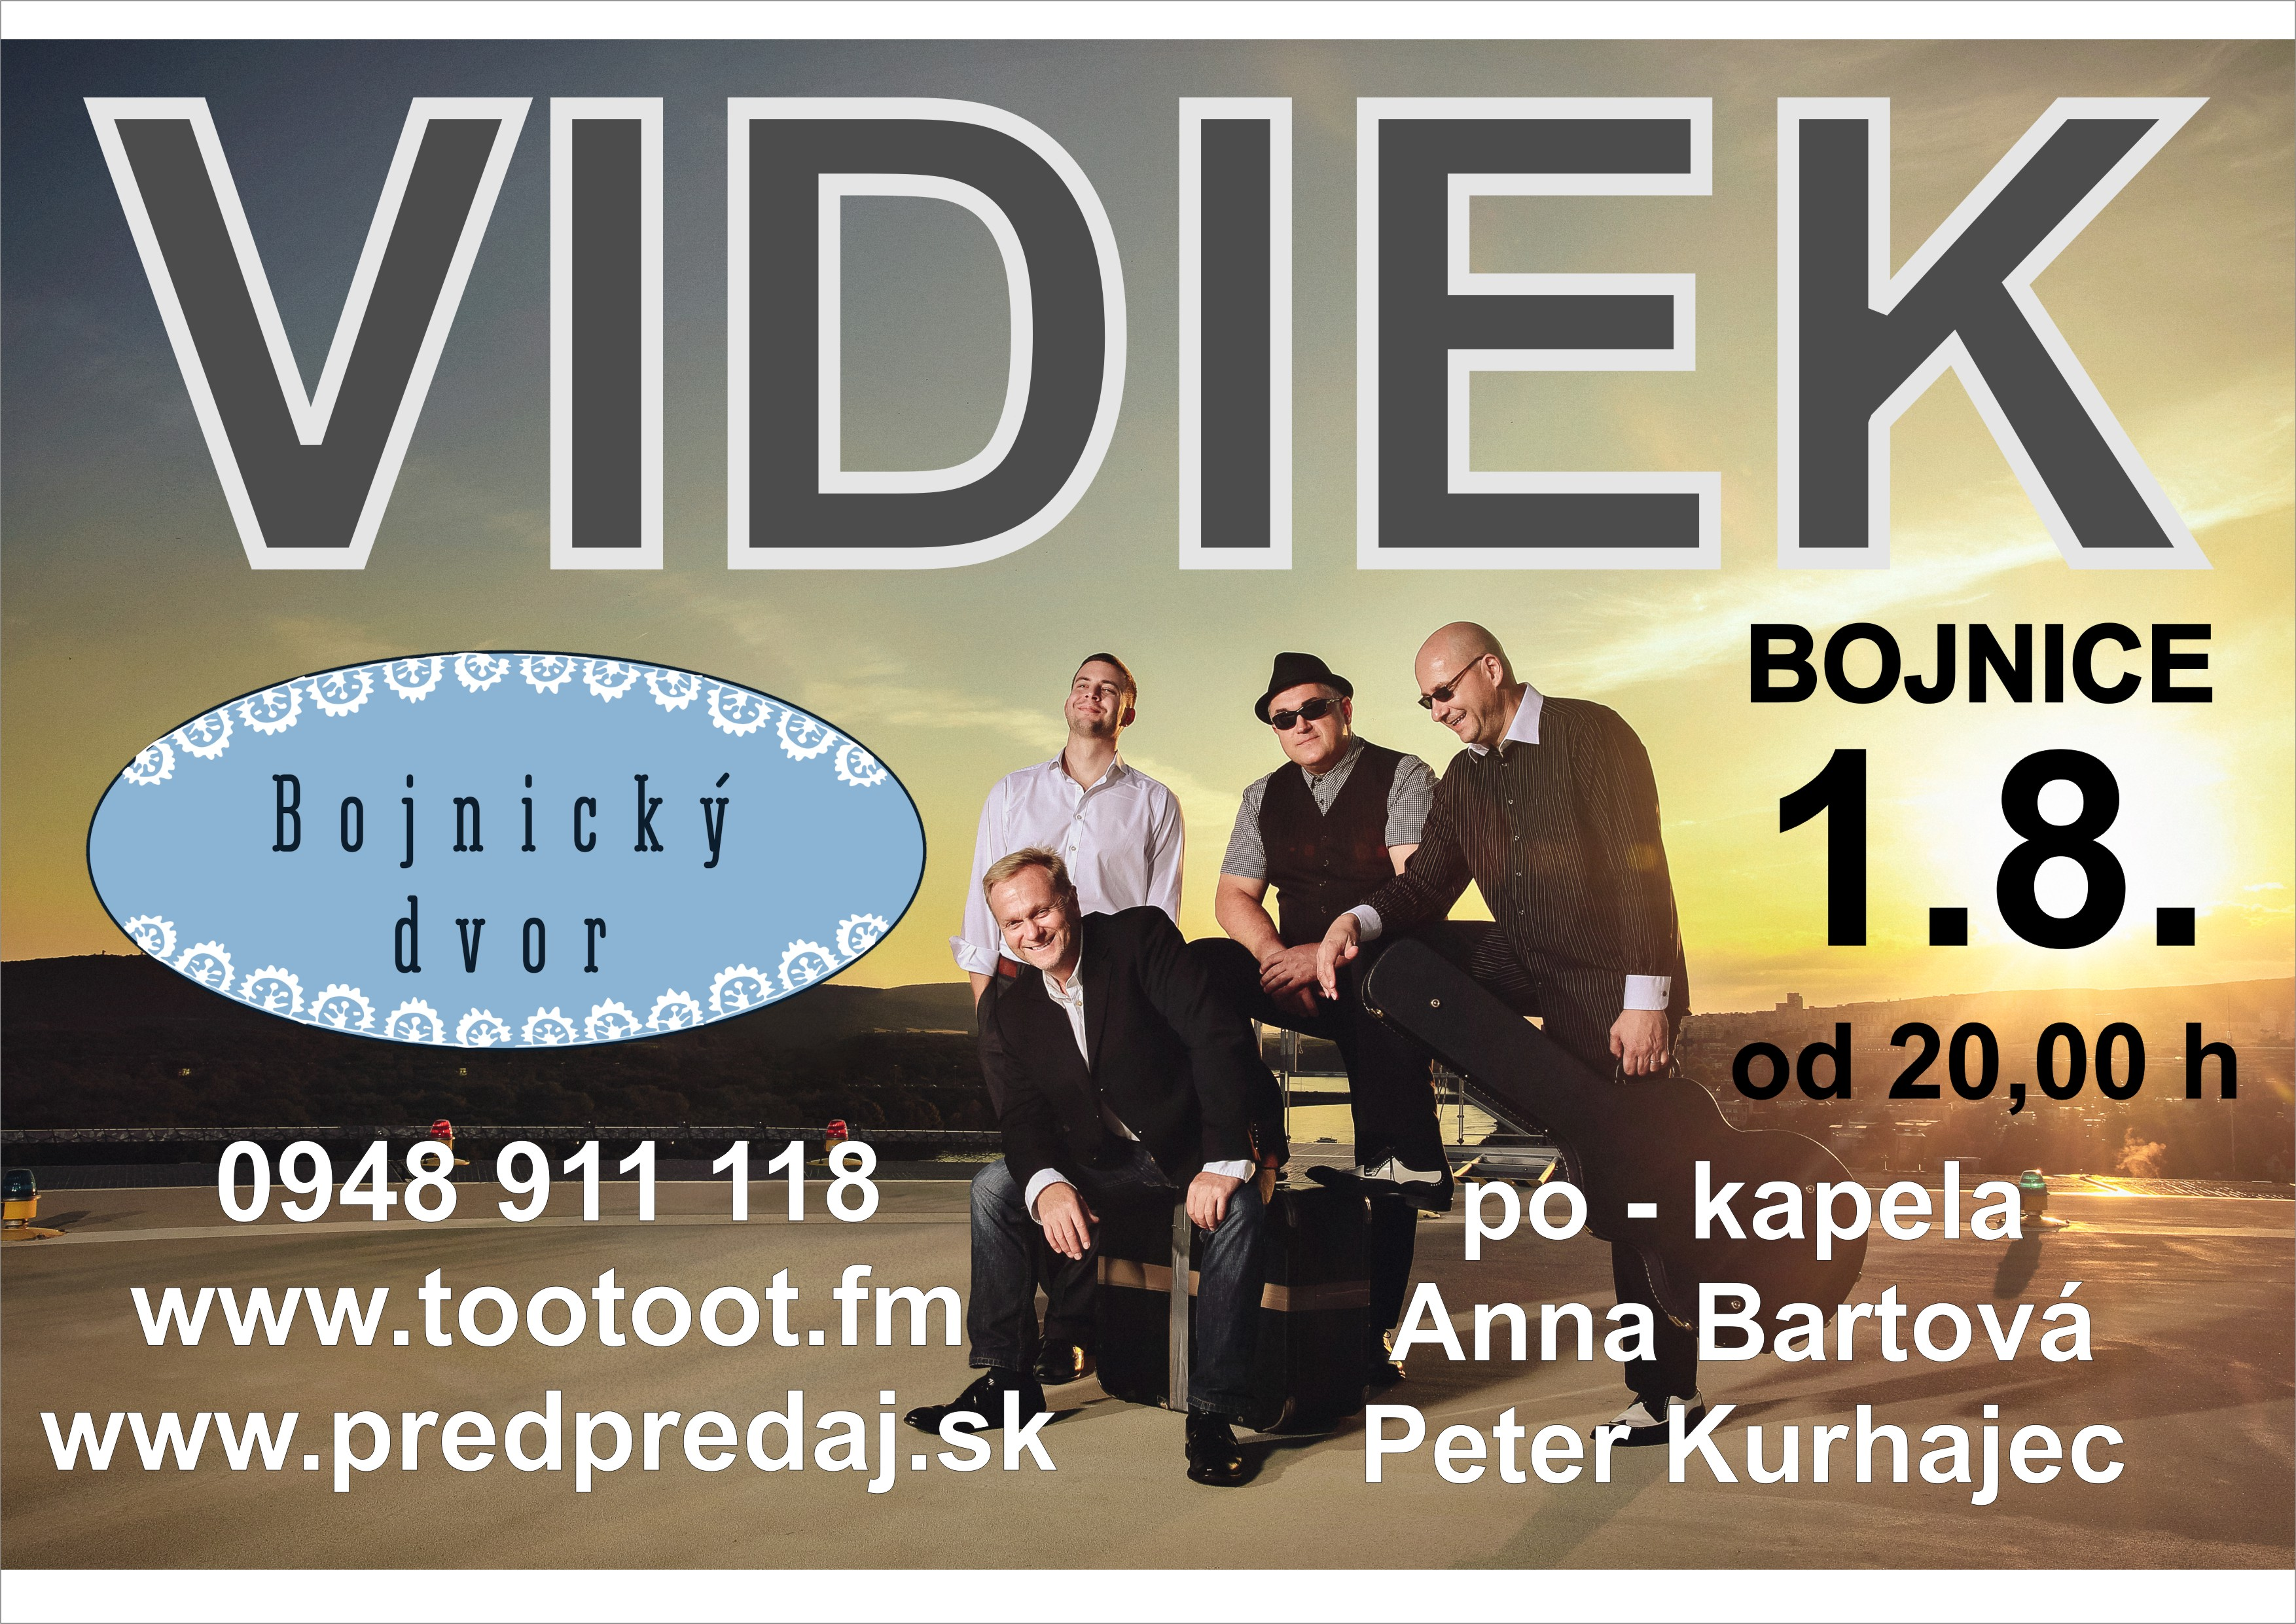 VIDIEK - Bojnice 2019